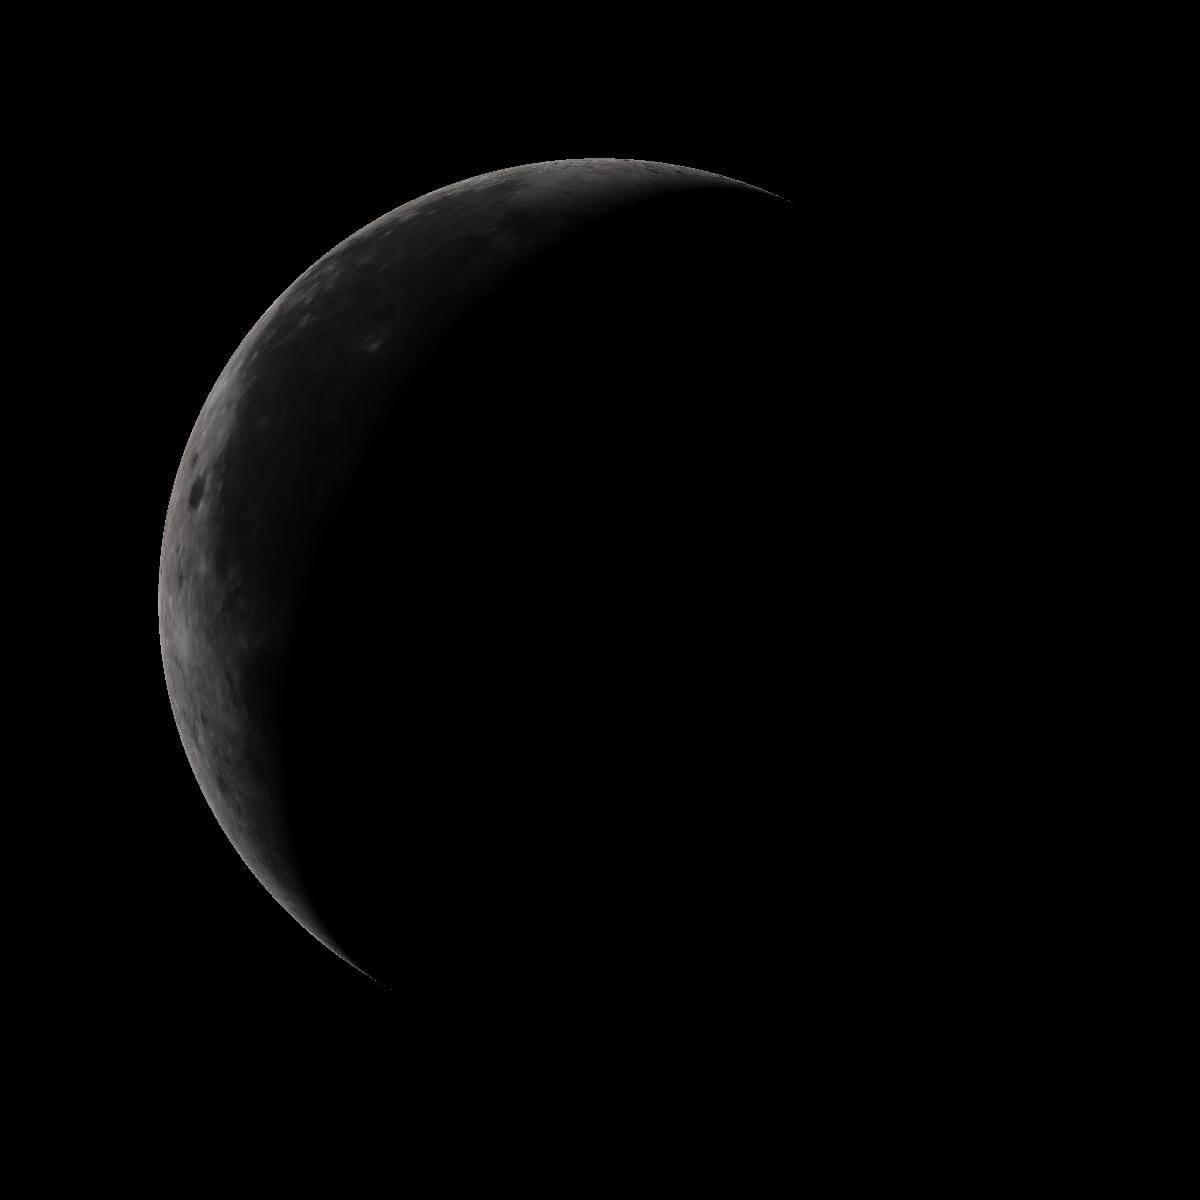 Lune du 18 mai 2020